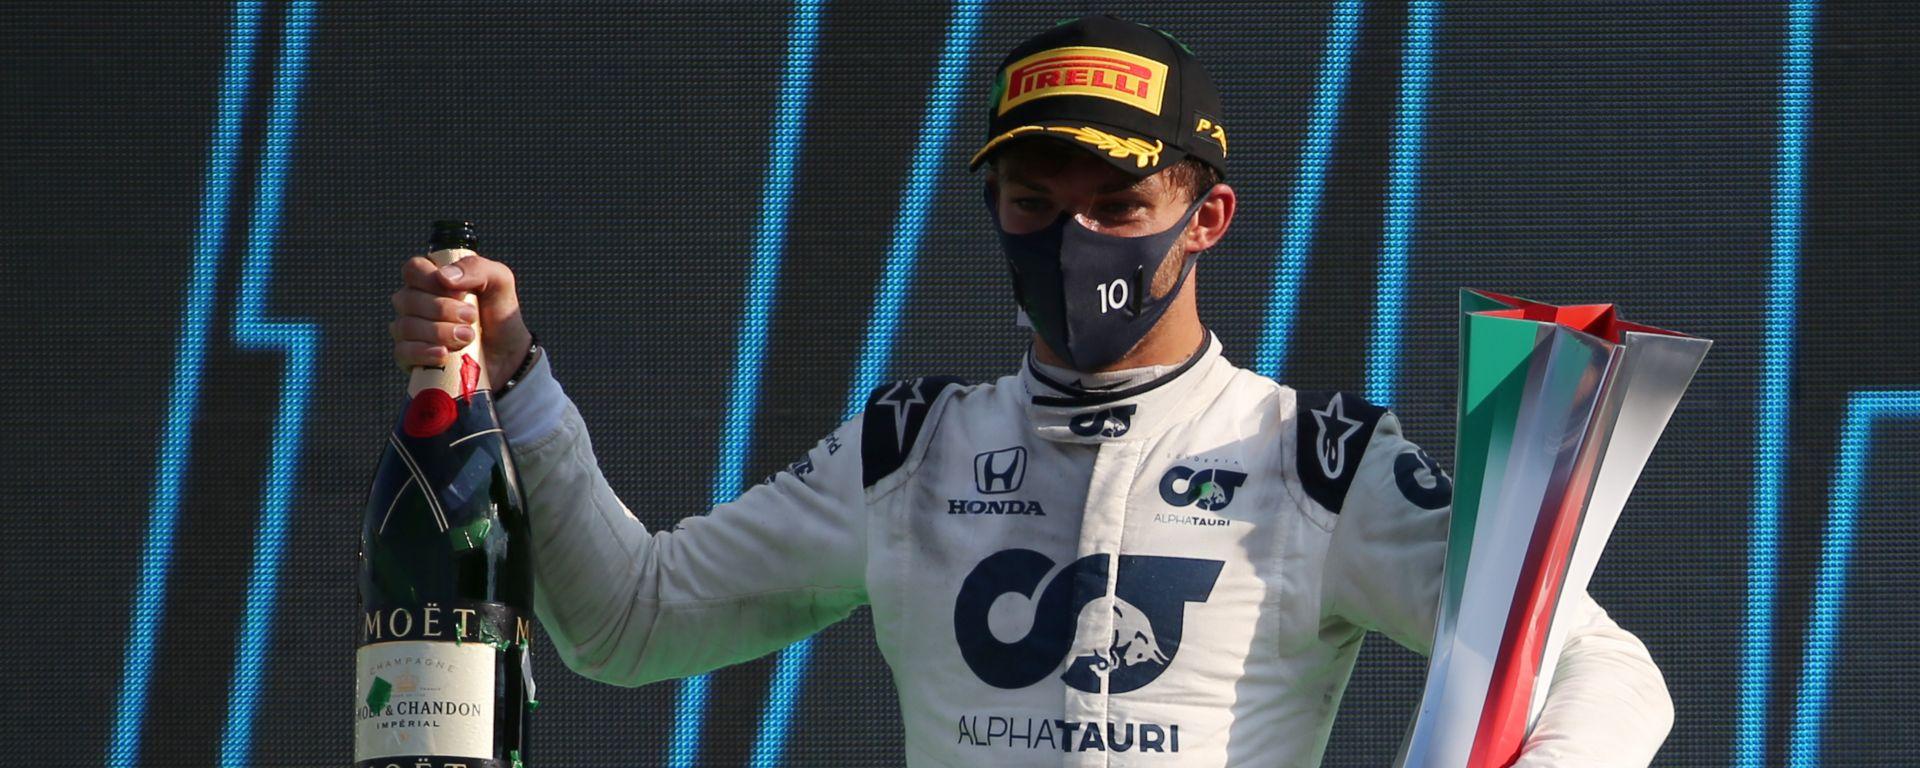 Pierre Gasly (Alpha Tauri) sul podio di Monza